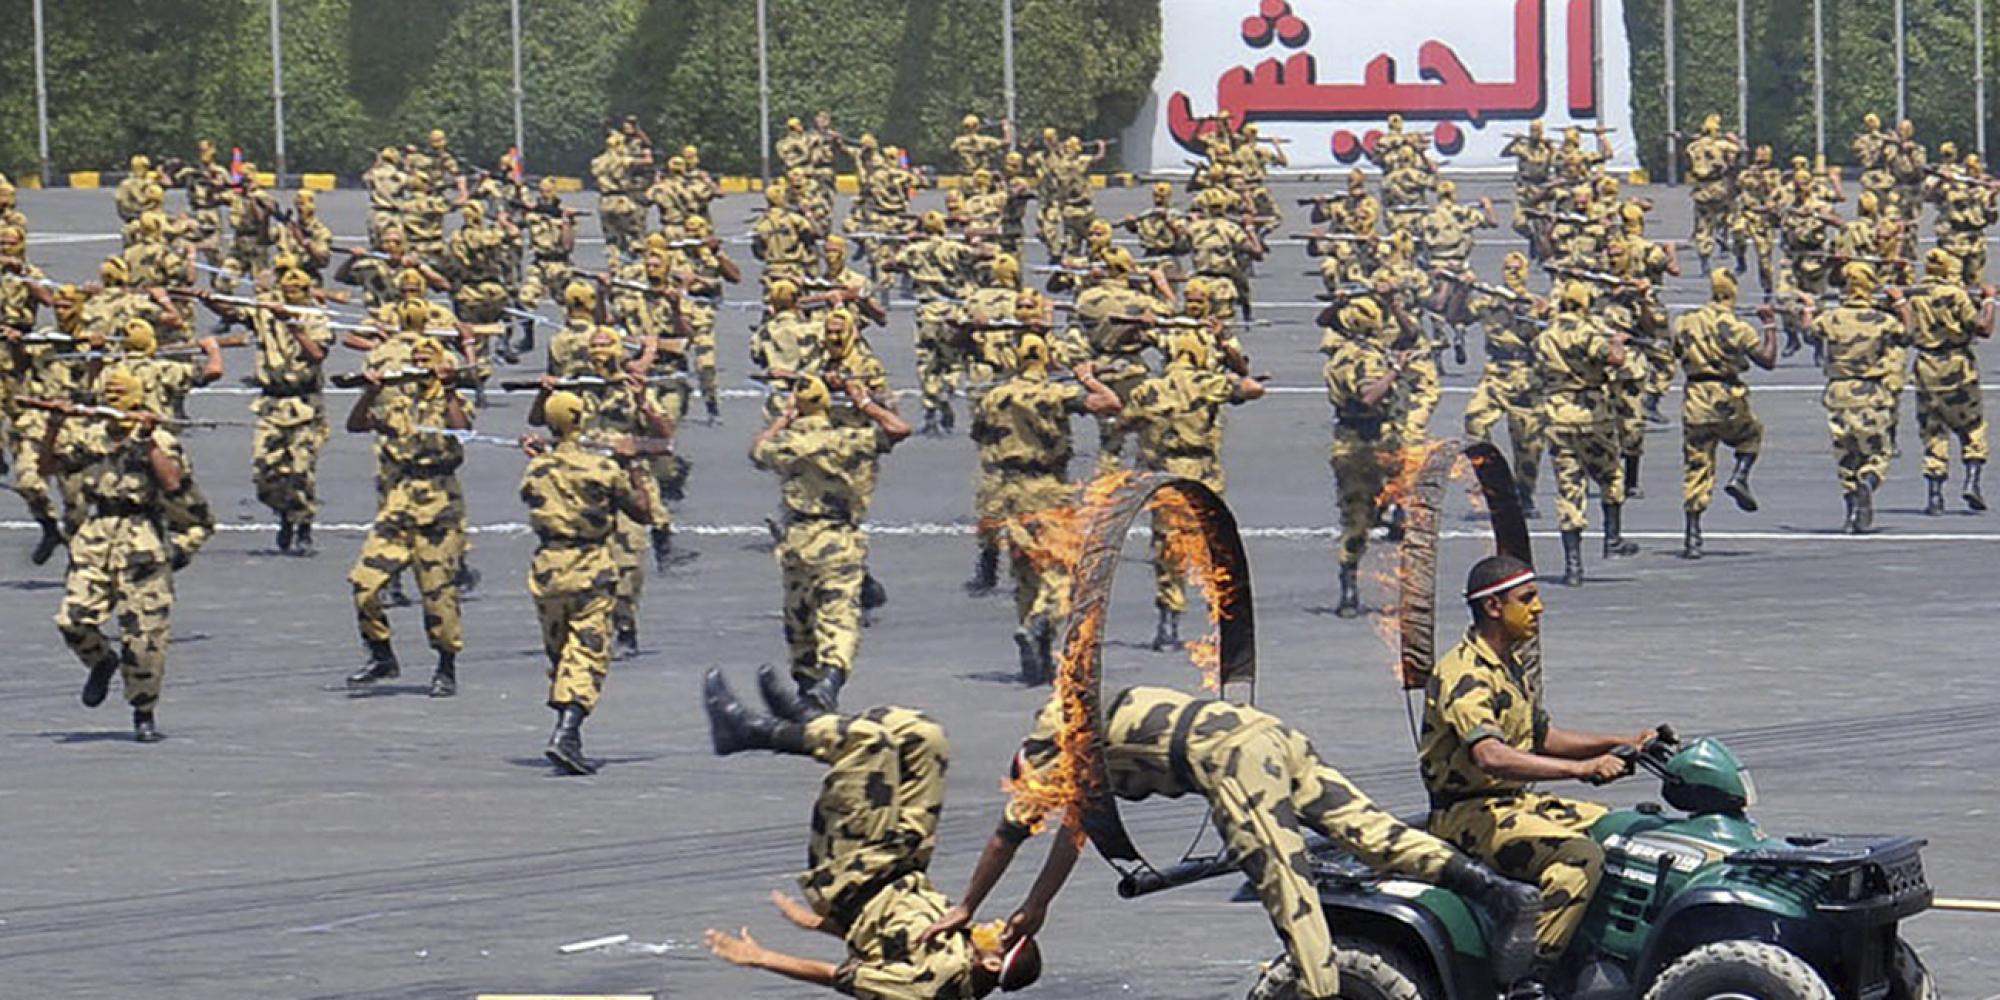 أكبر حفلِ تخرُّجٍ للكليات العسكرية في تاريخ مصر.. وهذه الأسلحة ستُعرض لأول مرة